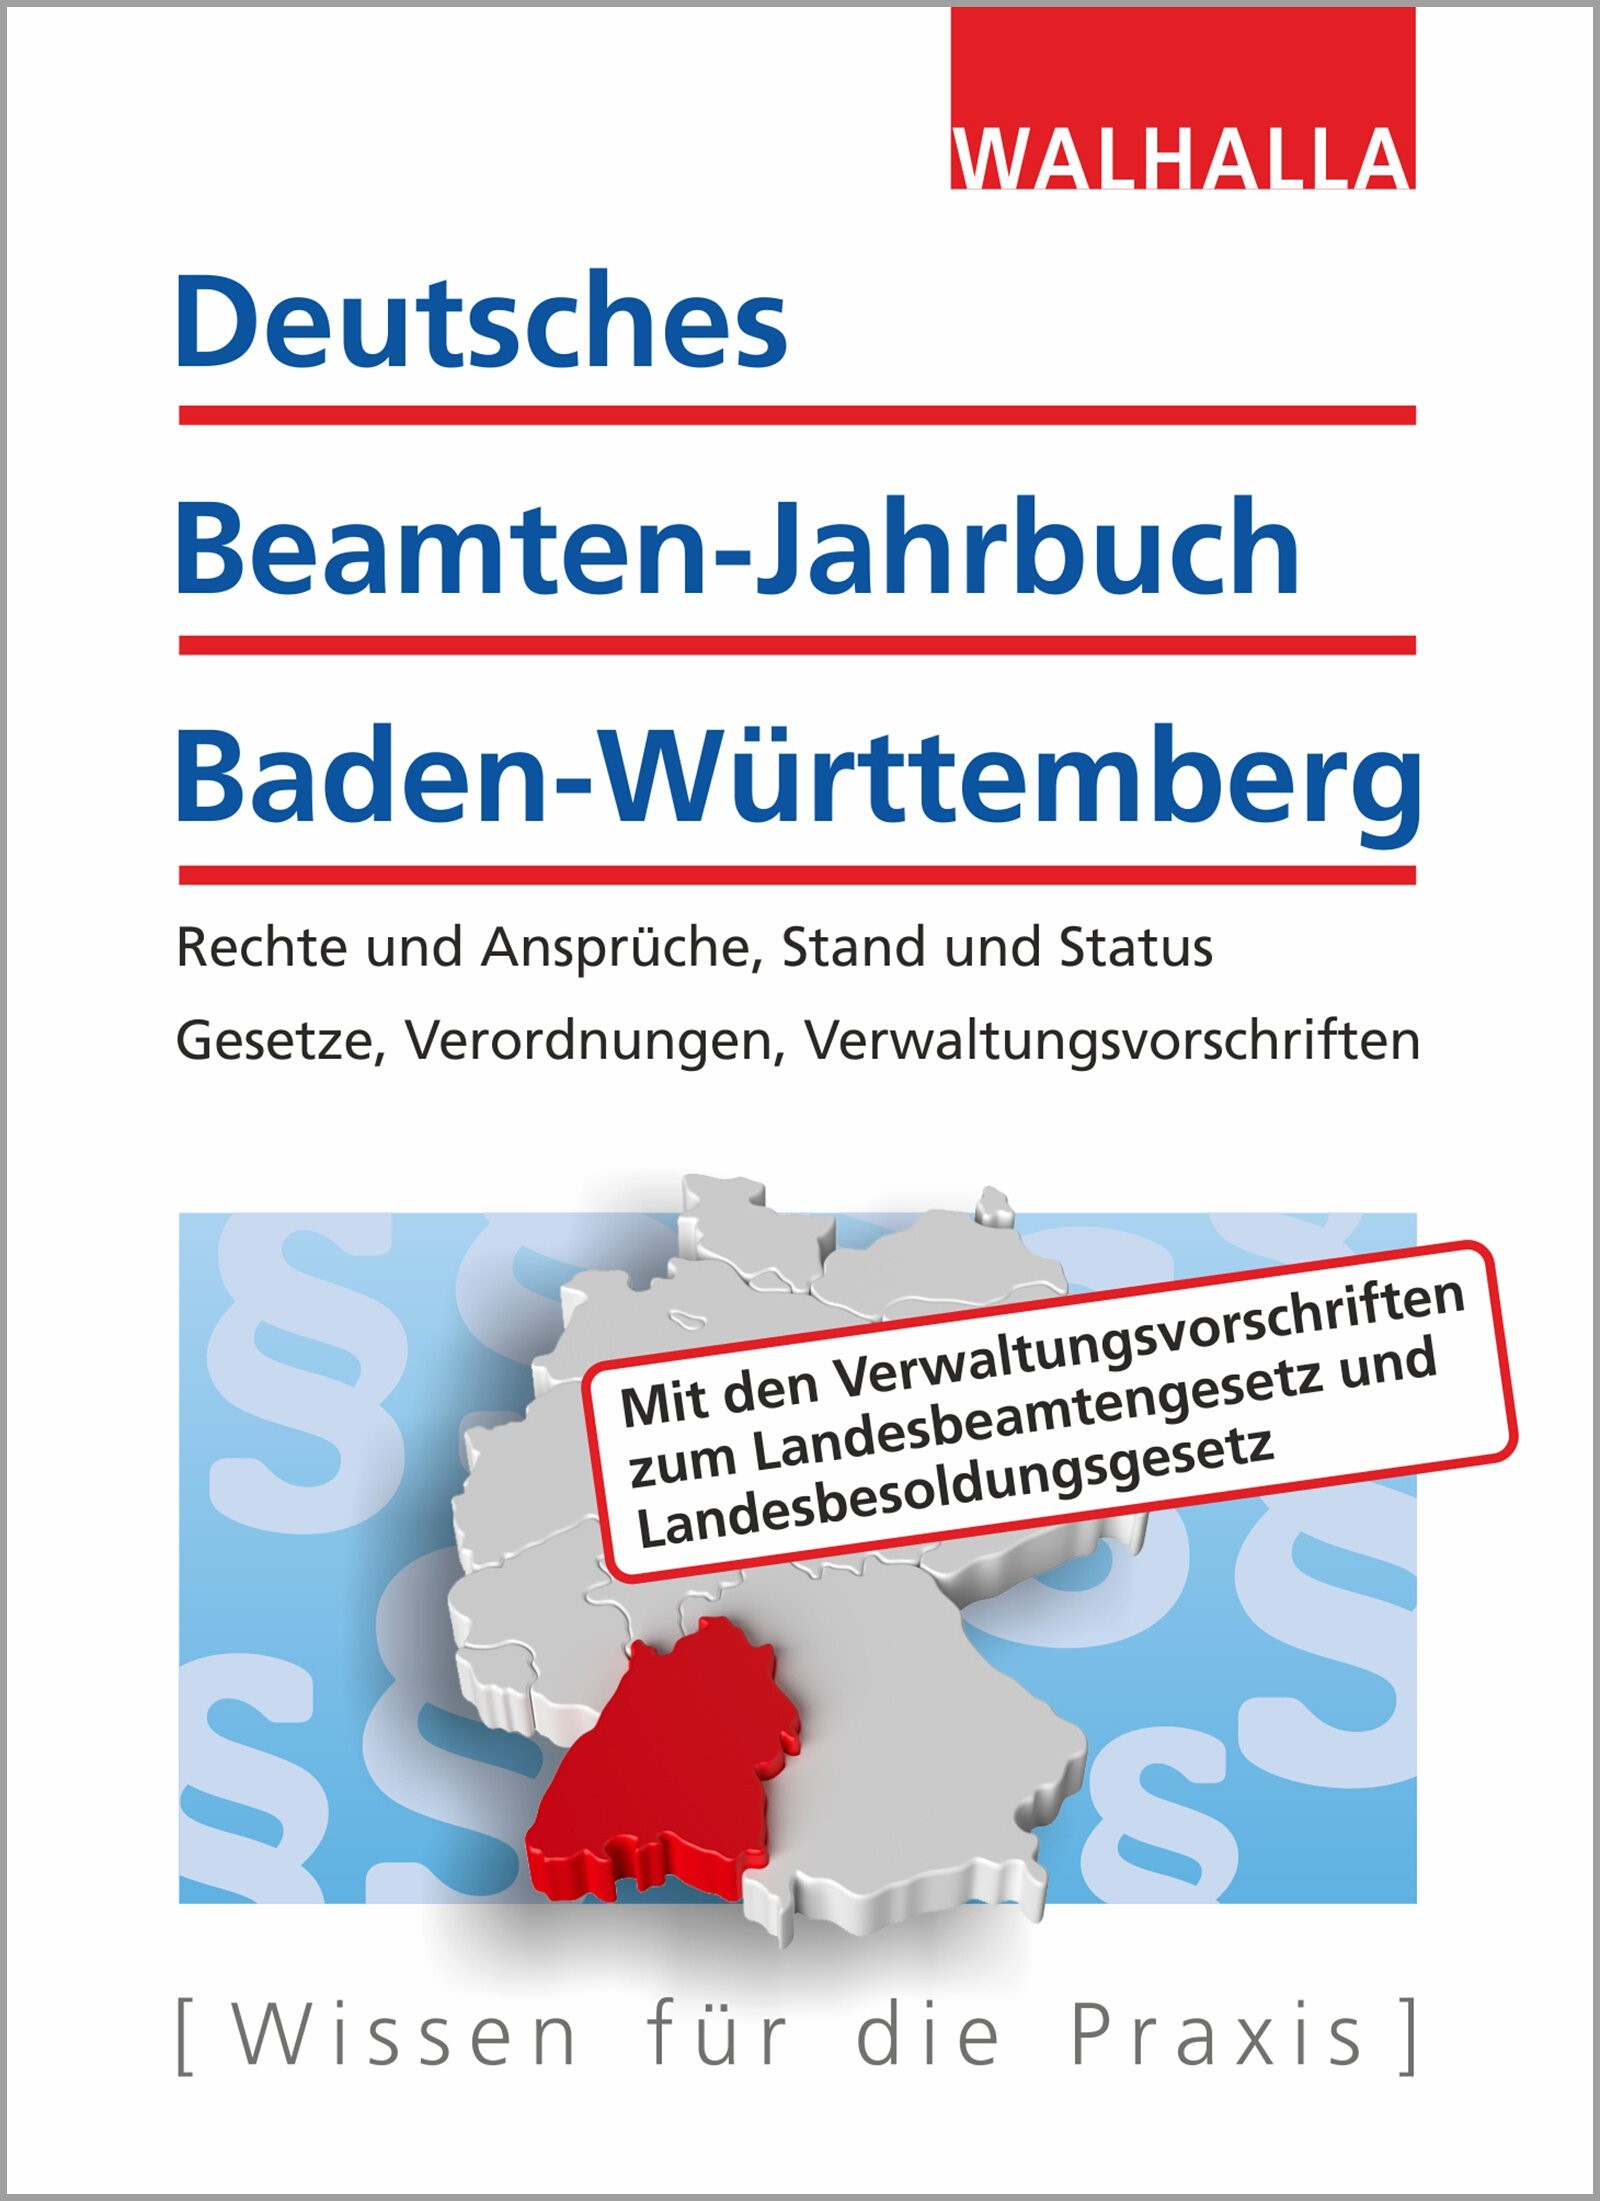 Deutsches Beamten-Jahrbuch Baden-Württemberg - Jahresband 2018 | Walhalla Fachredaktion (Hrsg.) | 9. Auflage, 2018 | Buch (Cover)